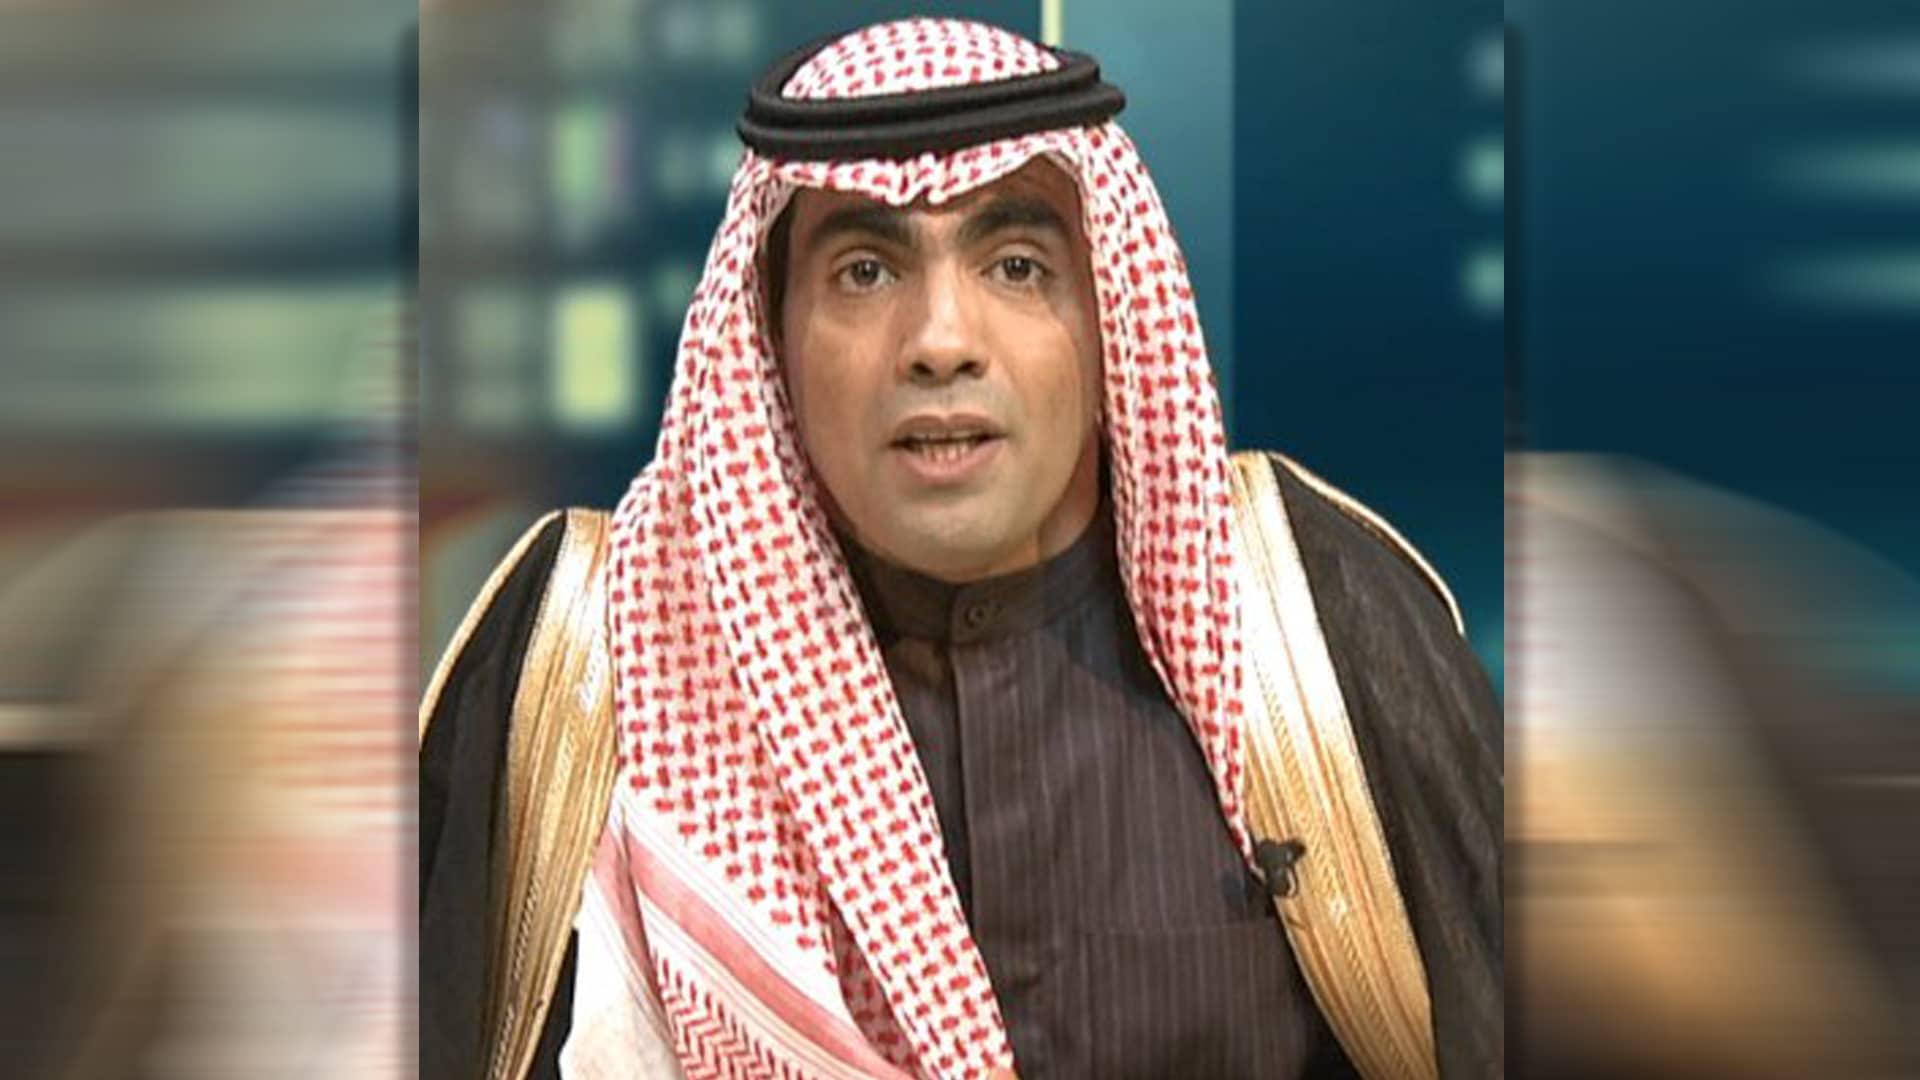 غانم الدوسري يكشف عن محاولة المخابرات السعودية استدراجه وقتله تحت مظلة مؤسسة حقوقية